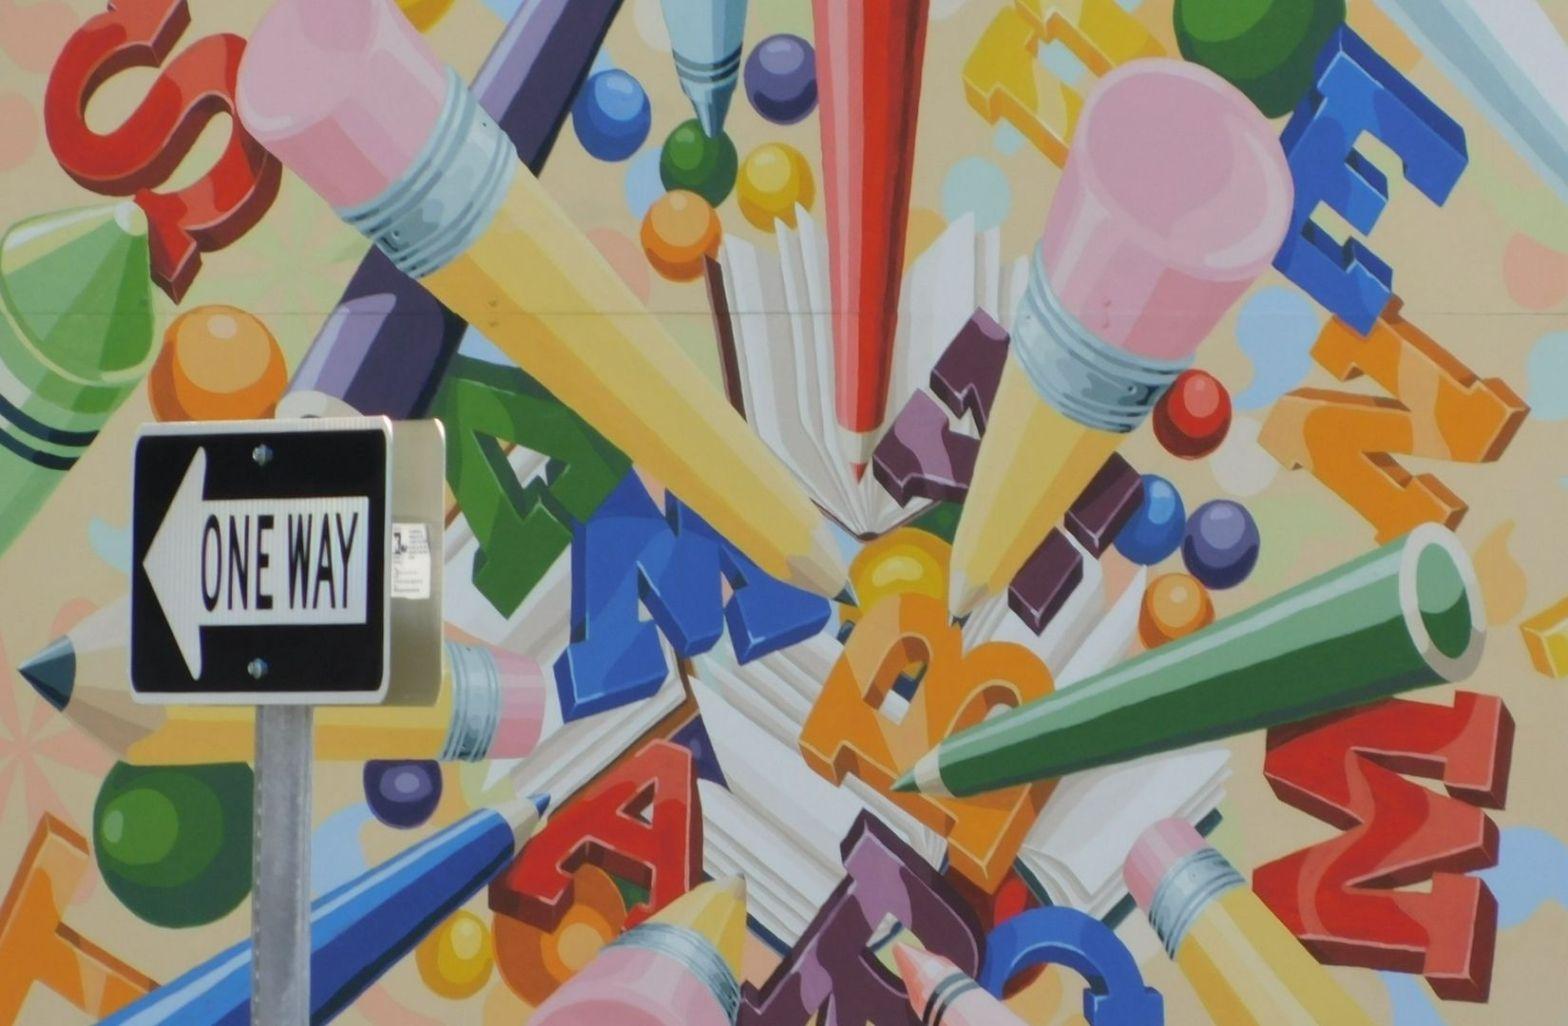 Die ganze Welt ist Modern Art (Foto: Robert Vergeson, Unsplash.com)